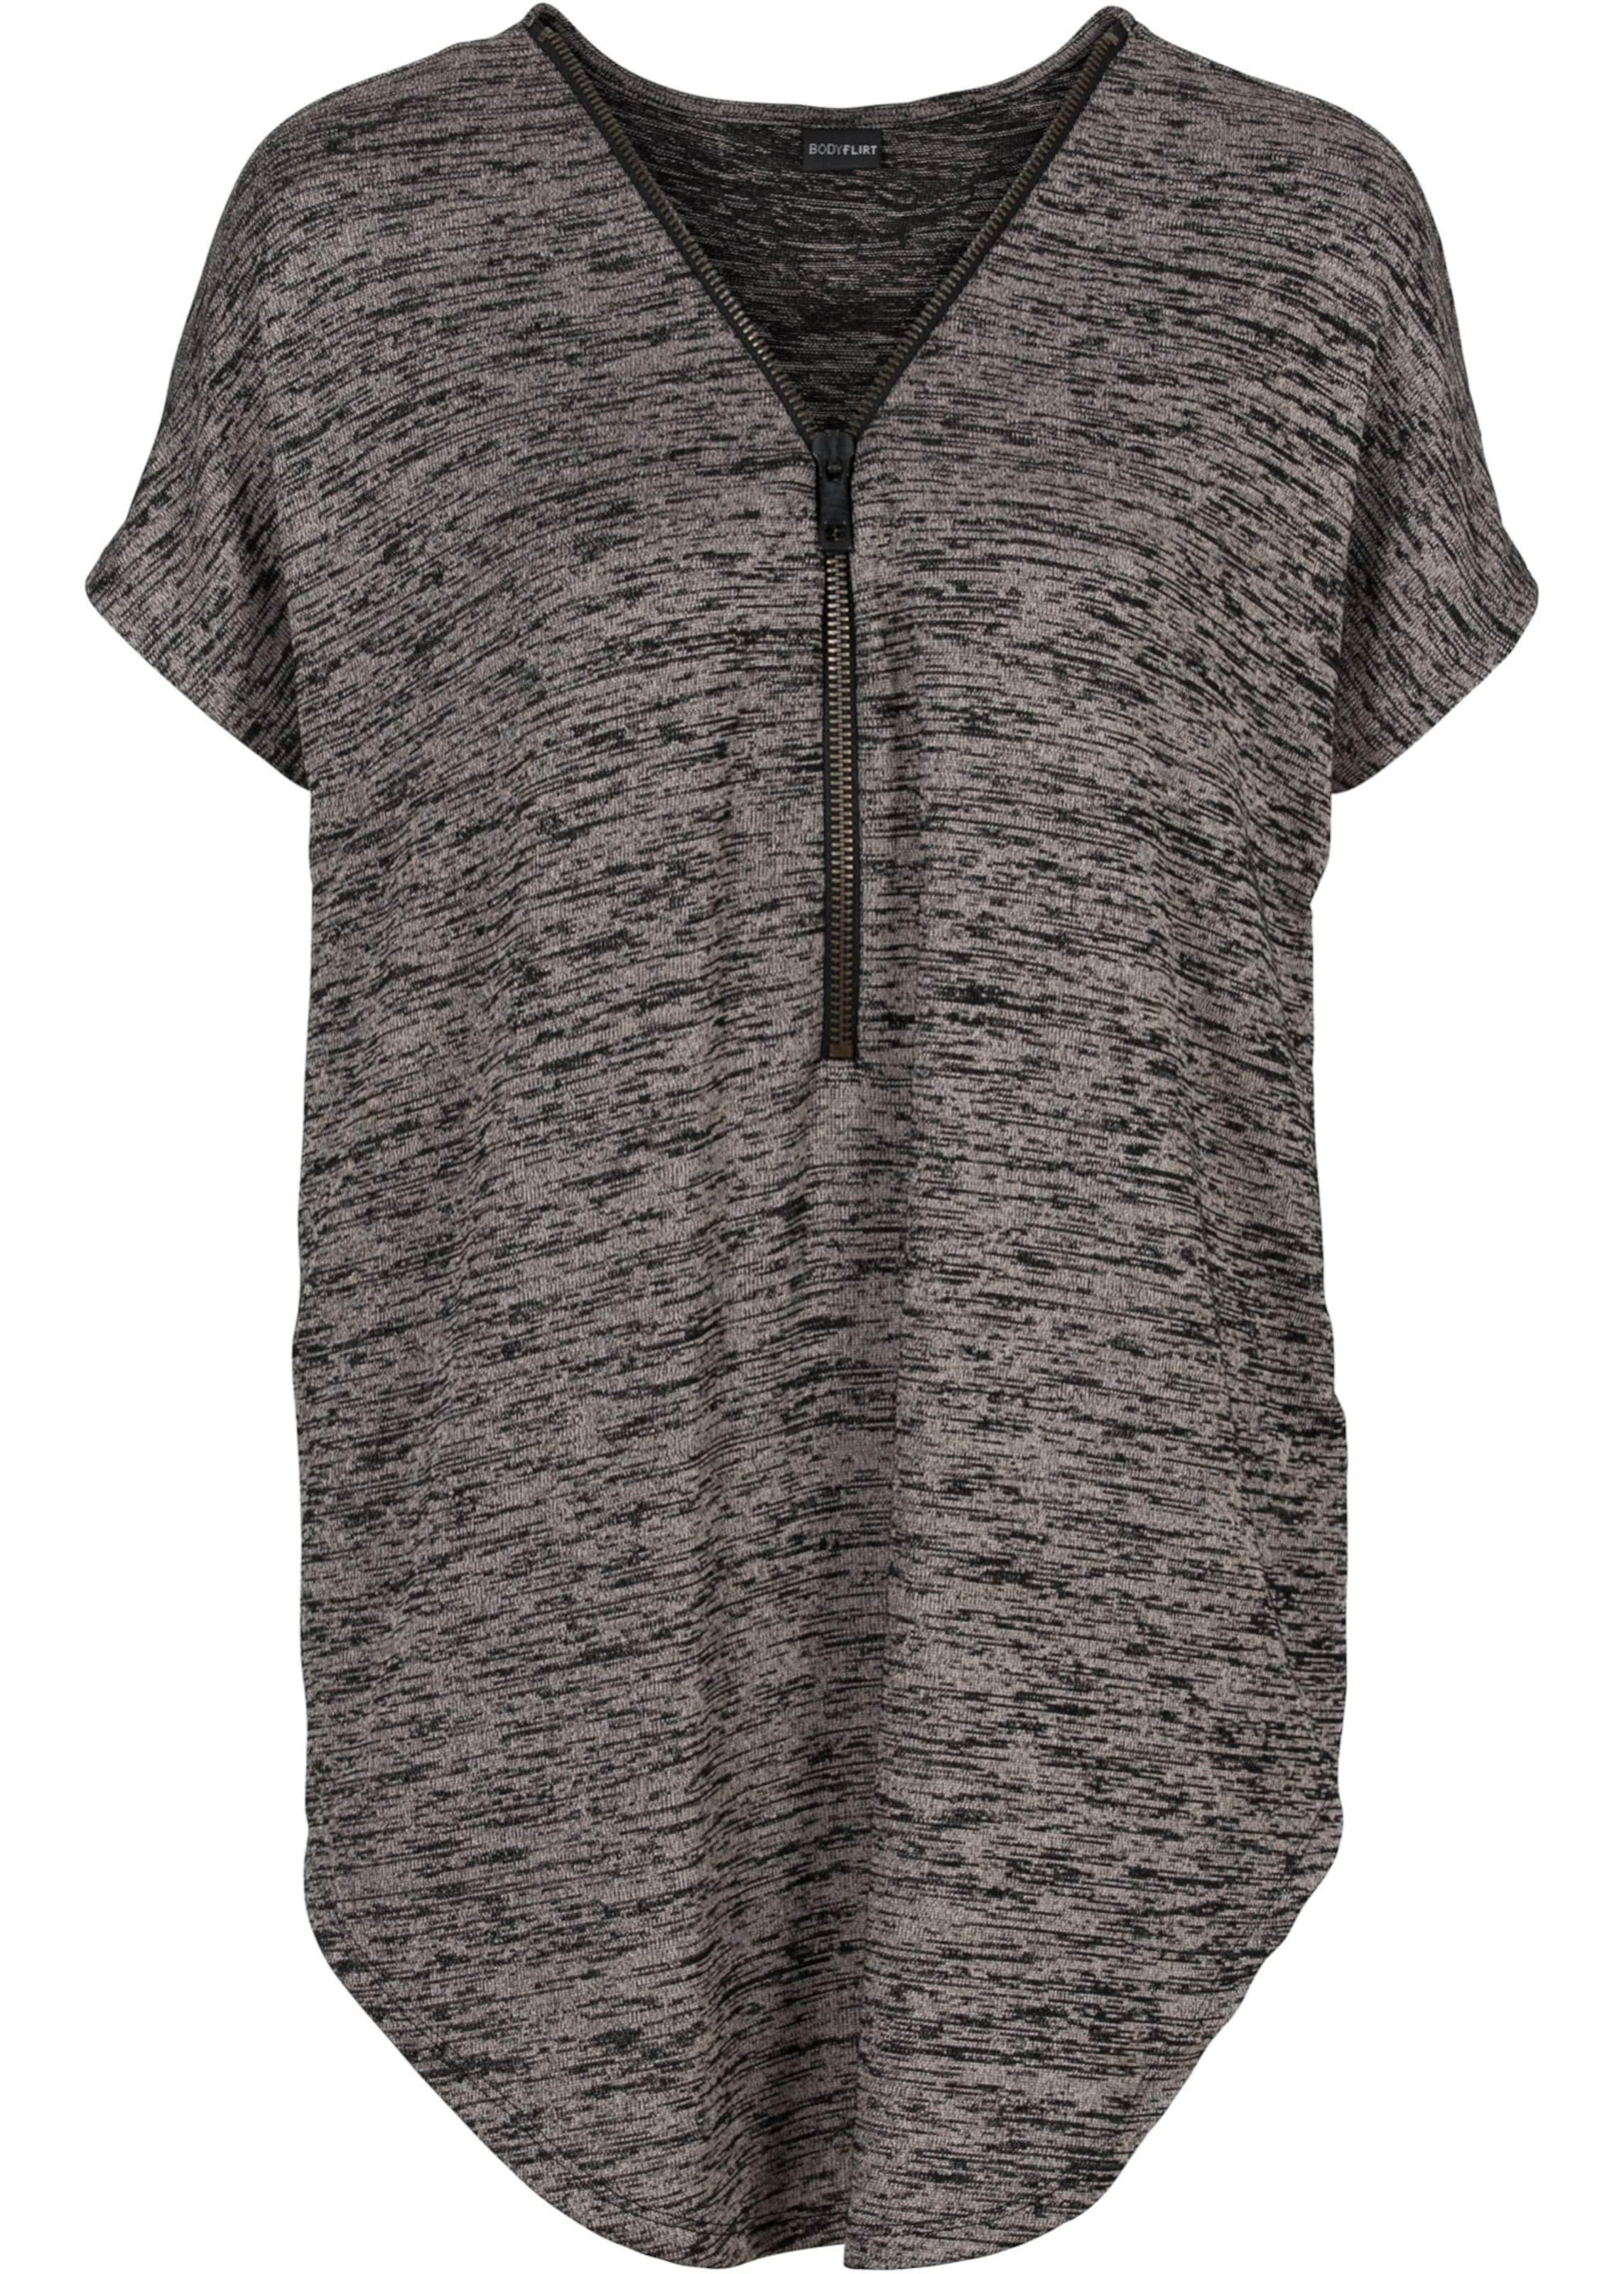 Shirt Grau In Shirt Shirt In Bonprix Bonprix Grau Bonprix DE2W9HI